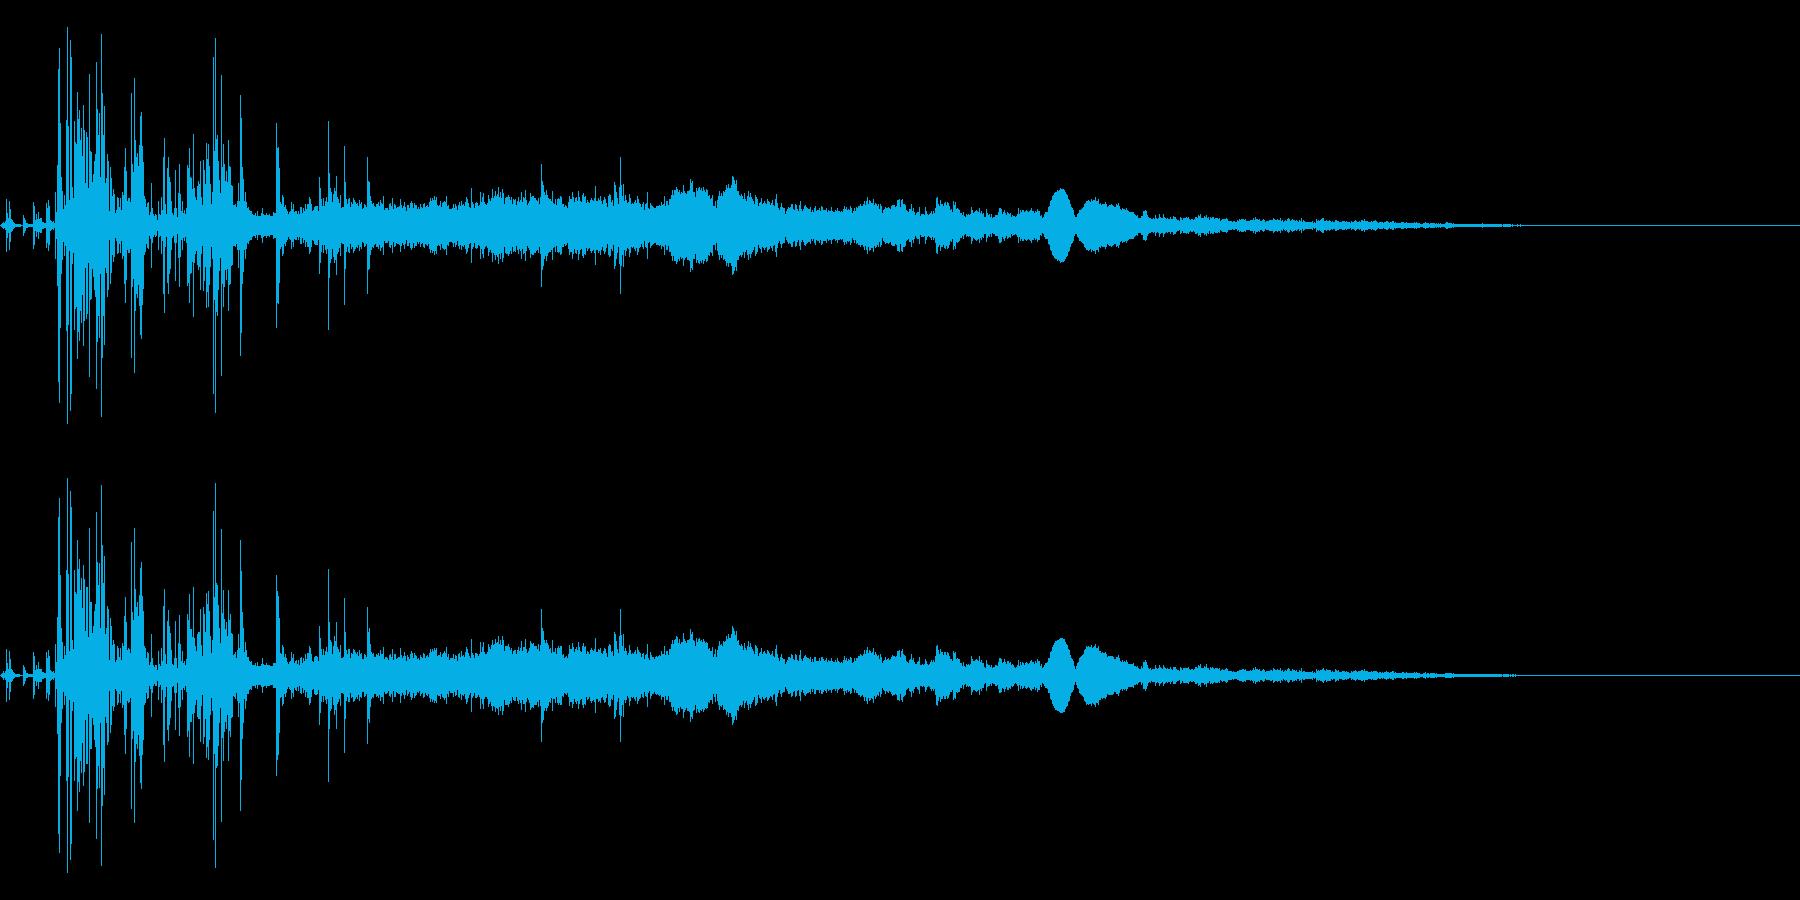 炭酸飲料を注ぐ音の再生済みの波形